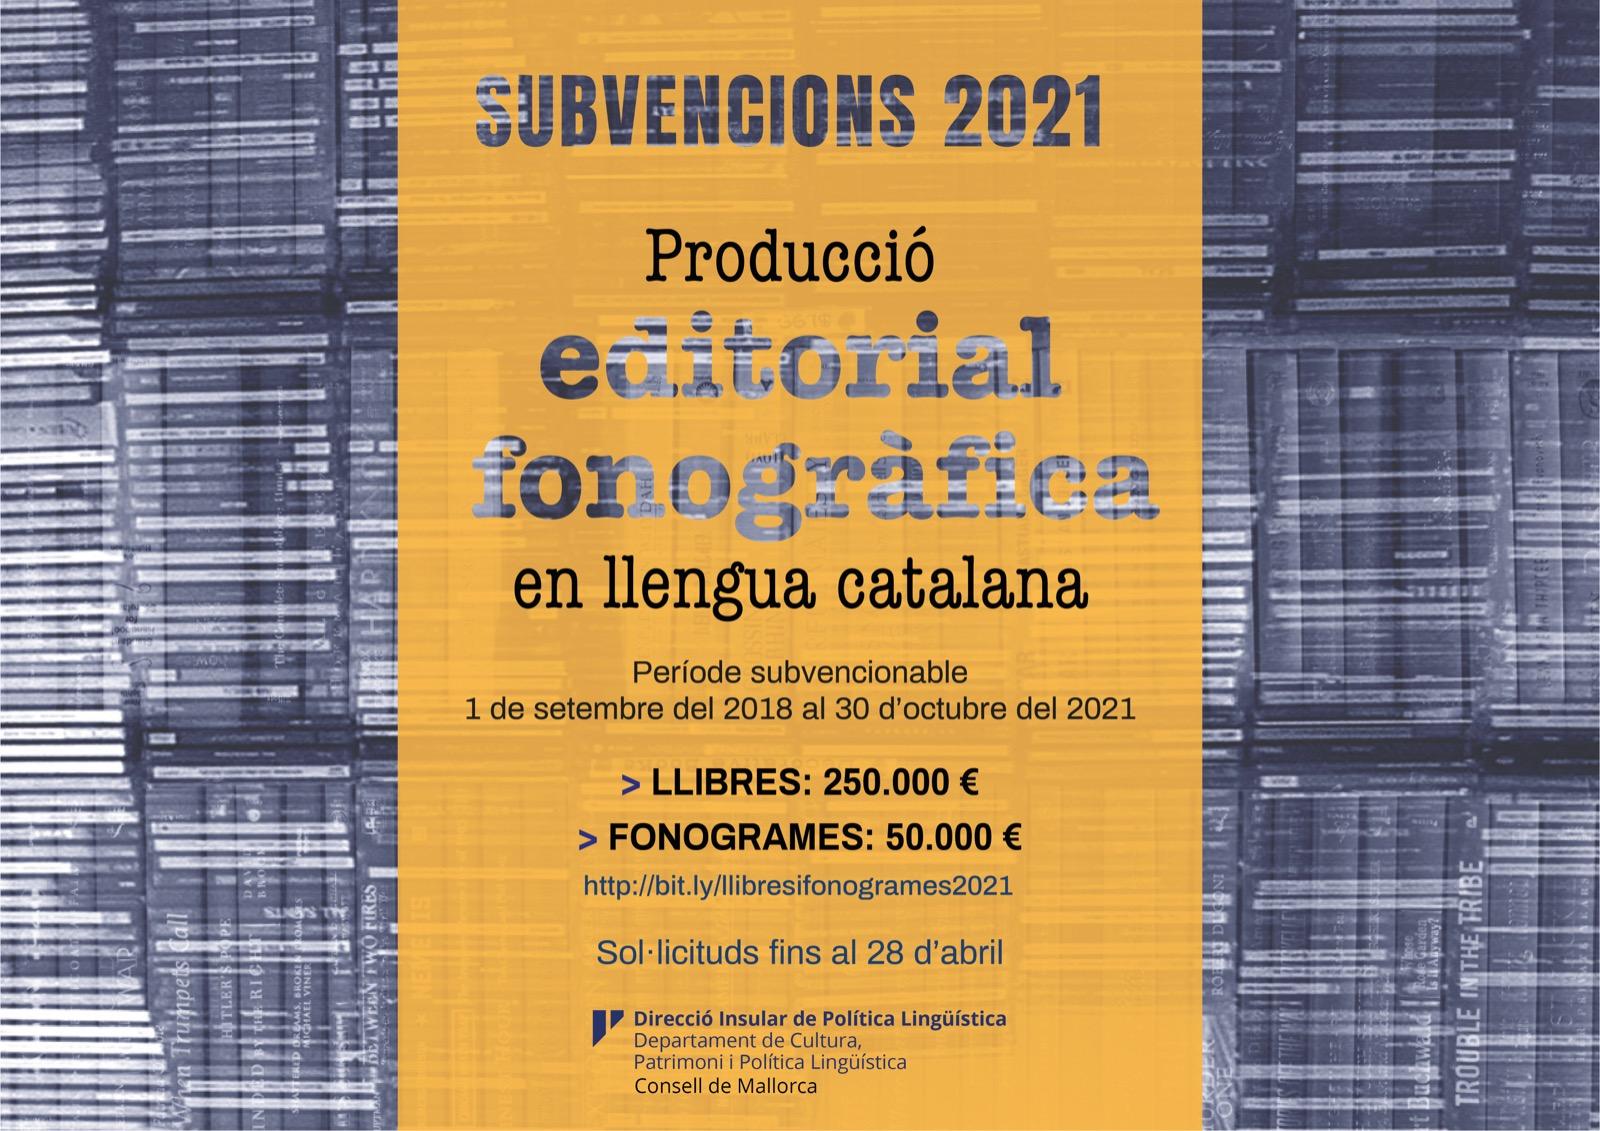 Subvencions llibres i fonogrames 2021